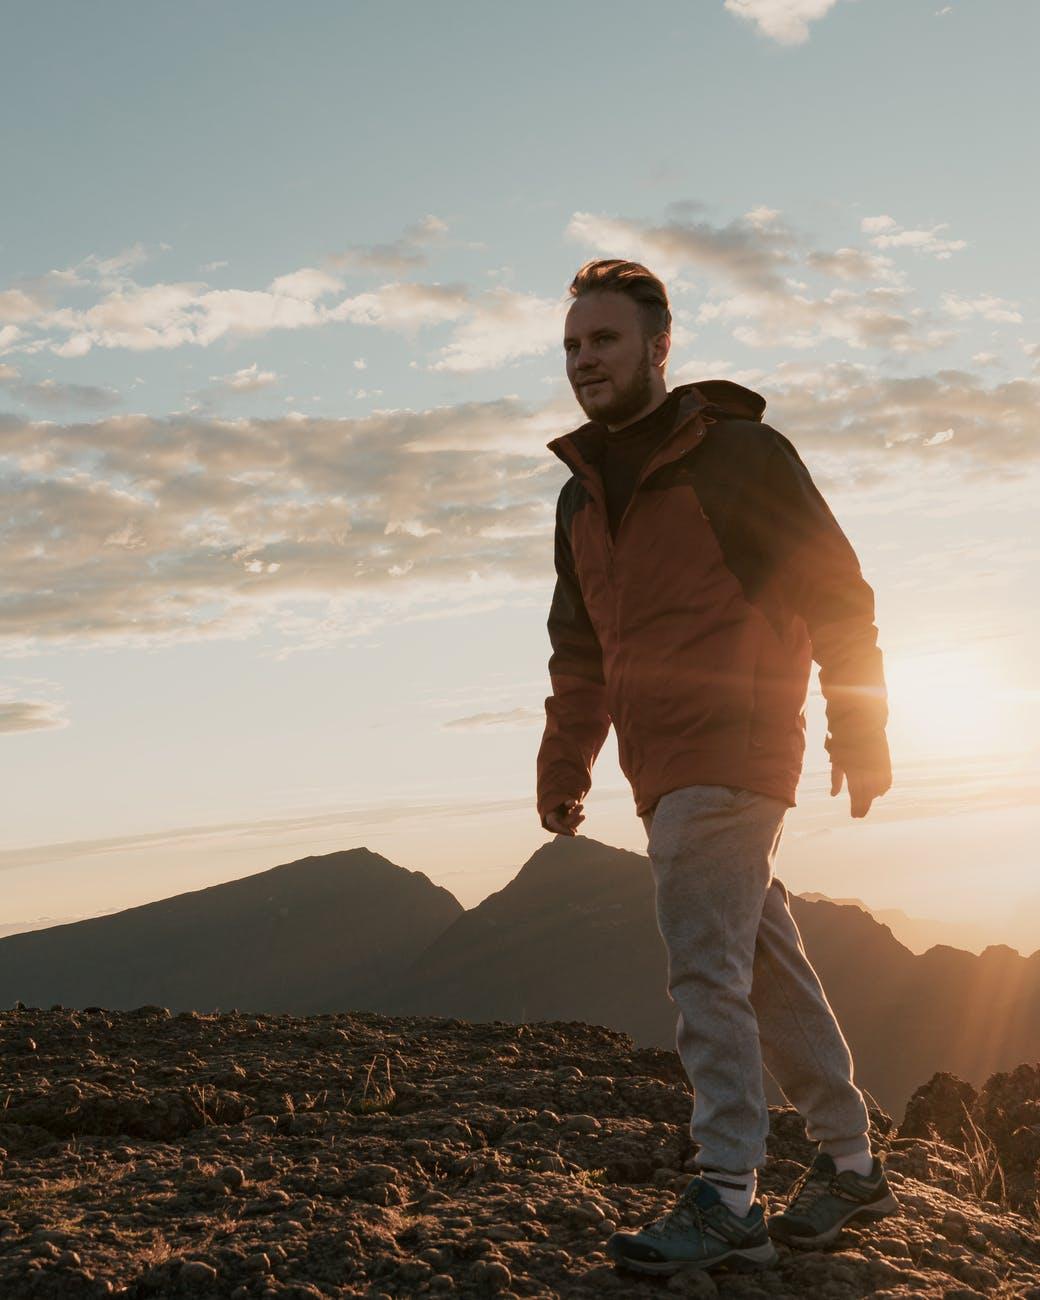 man standing near brown ground